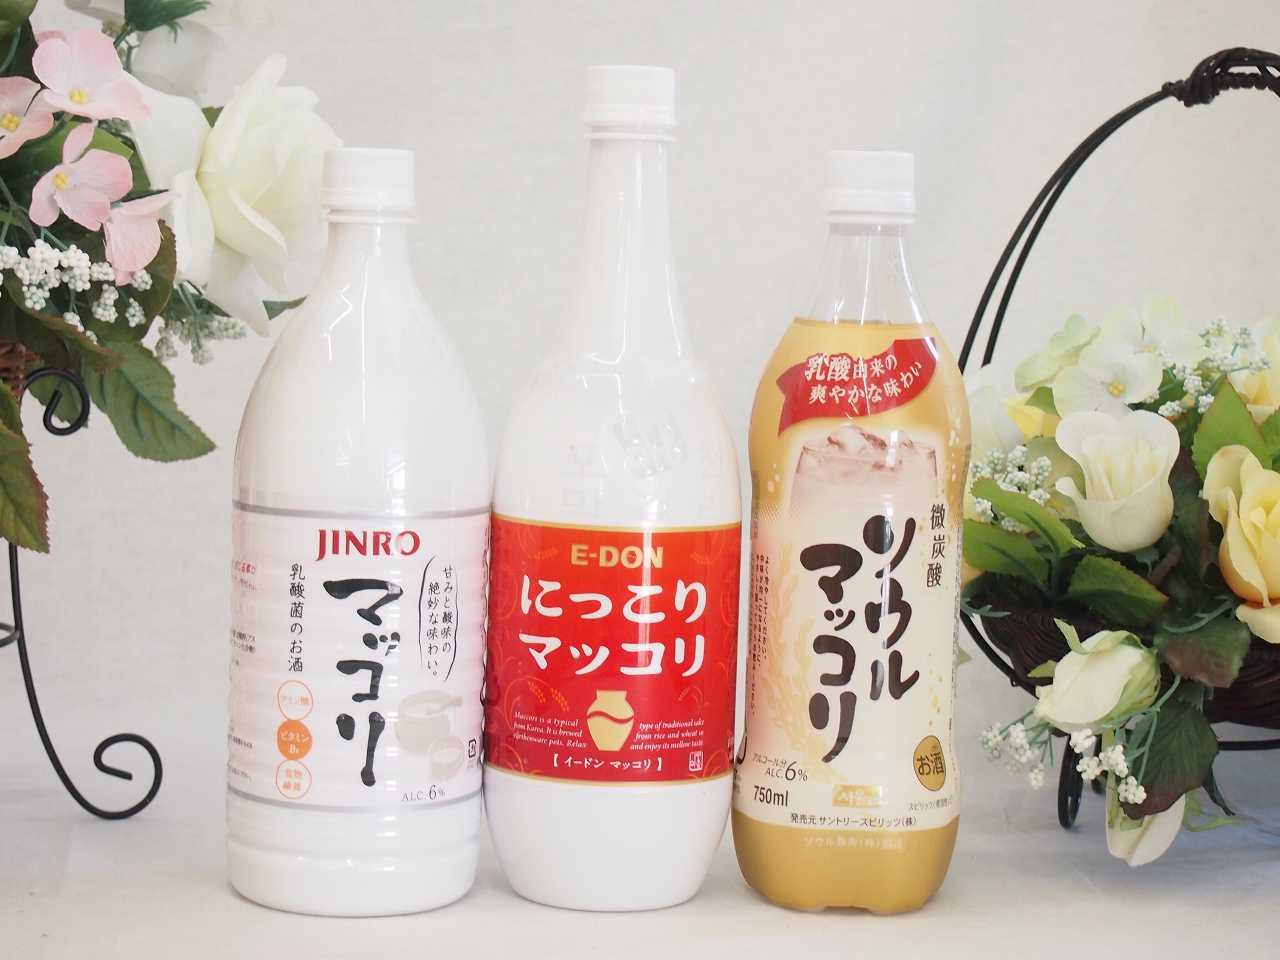 韓国伝統の秘伝にごり酒 とっておきのマッコリ3本セット 1000×2本750ml×1本 計3本セット